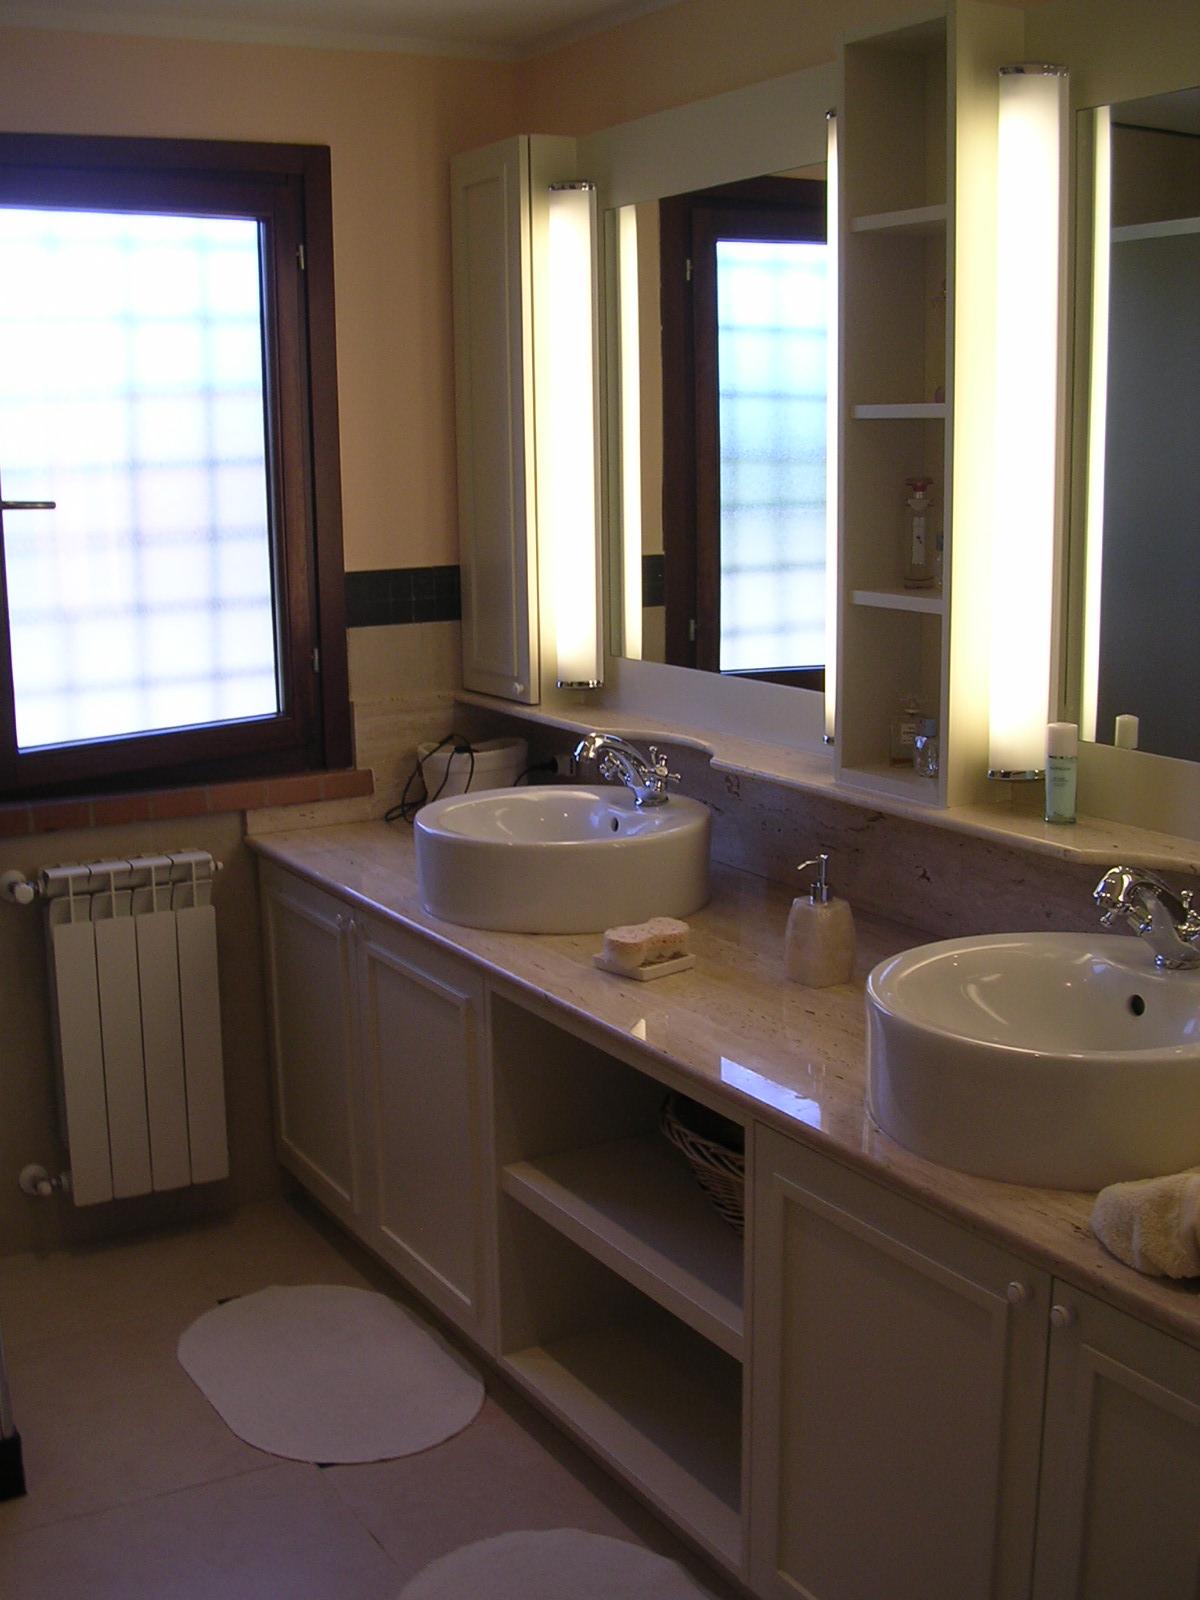 Arredamento di un bagno rdarredamenti roma  Falegnameria